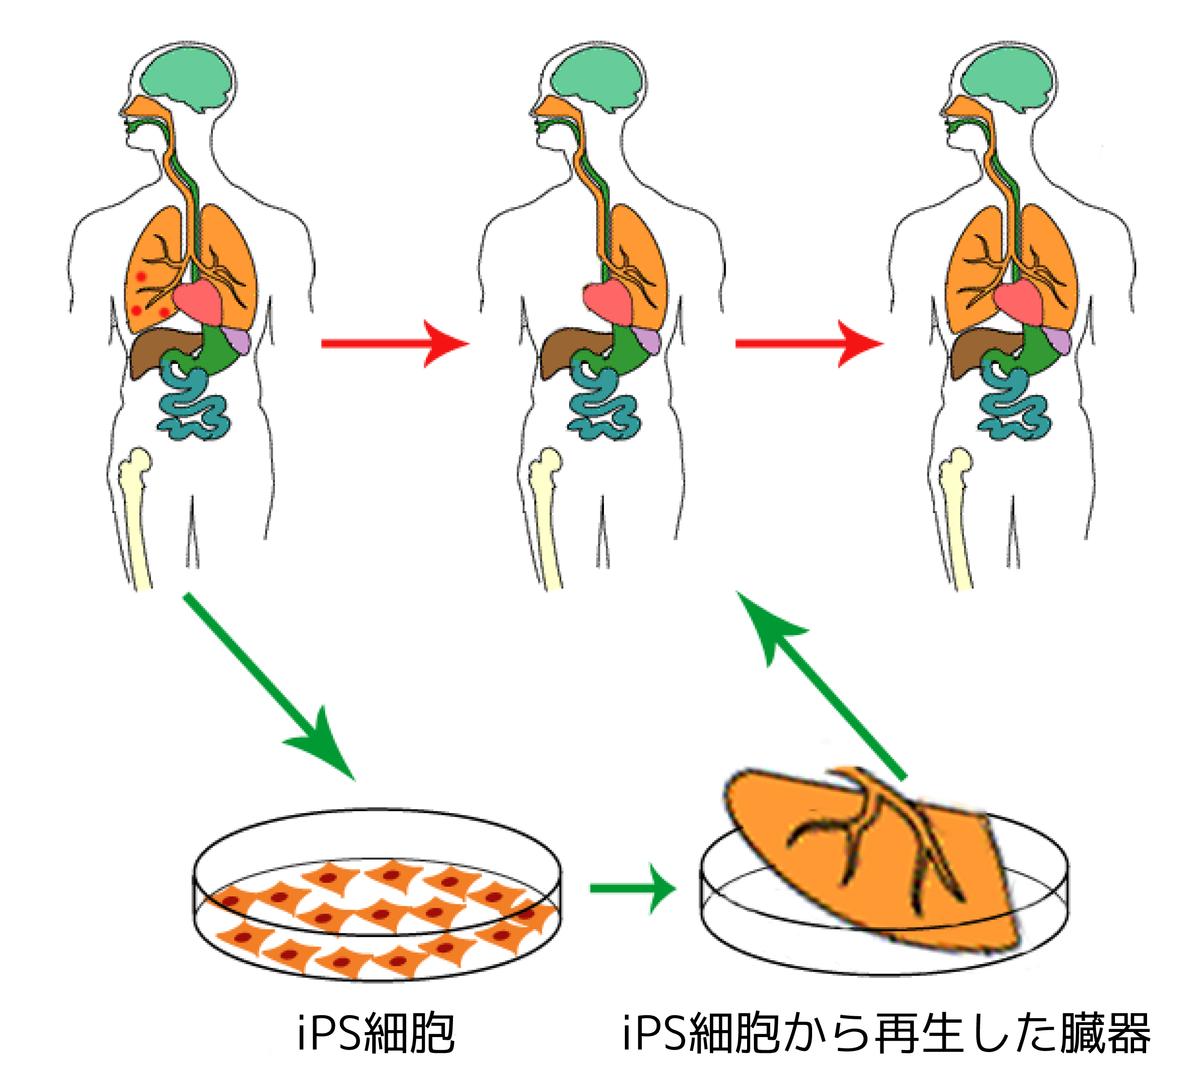 Ips cells ja.png